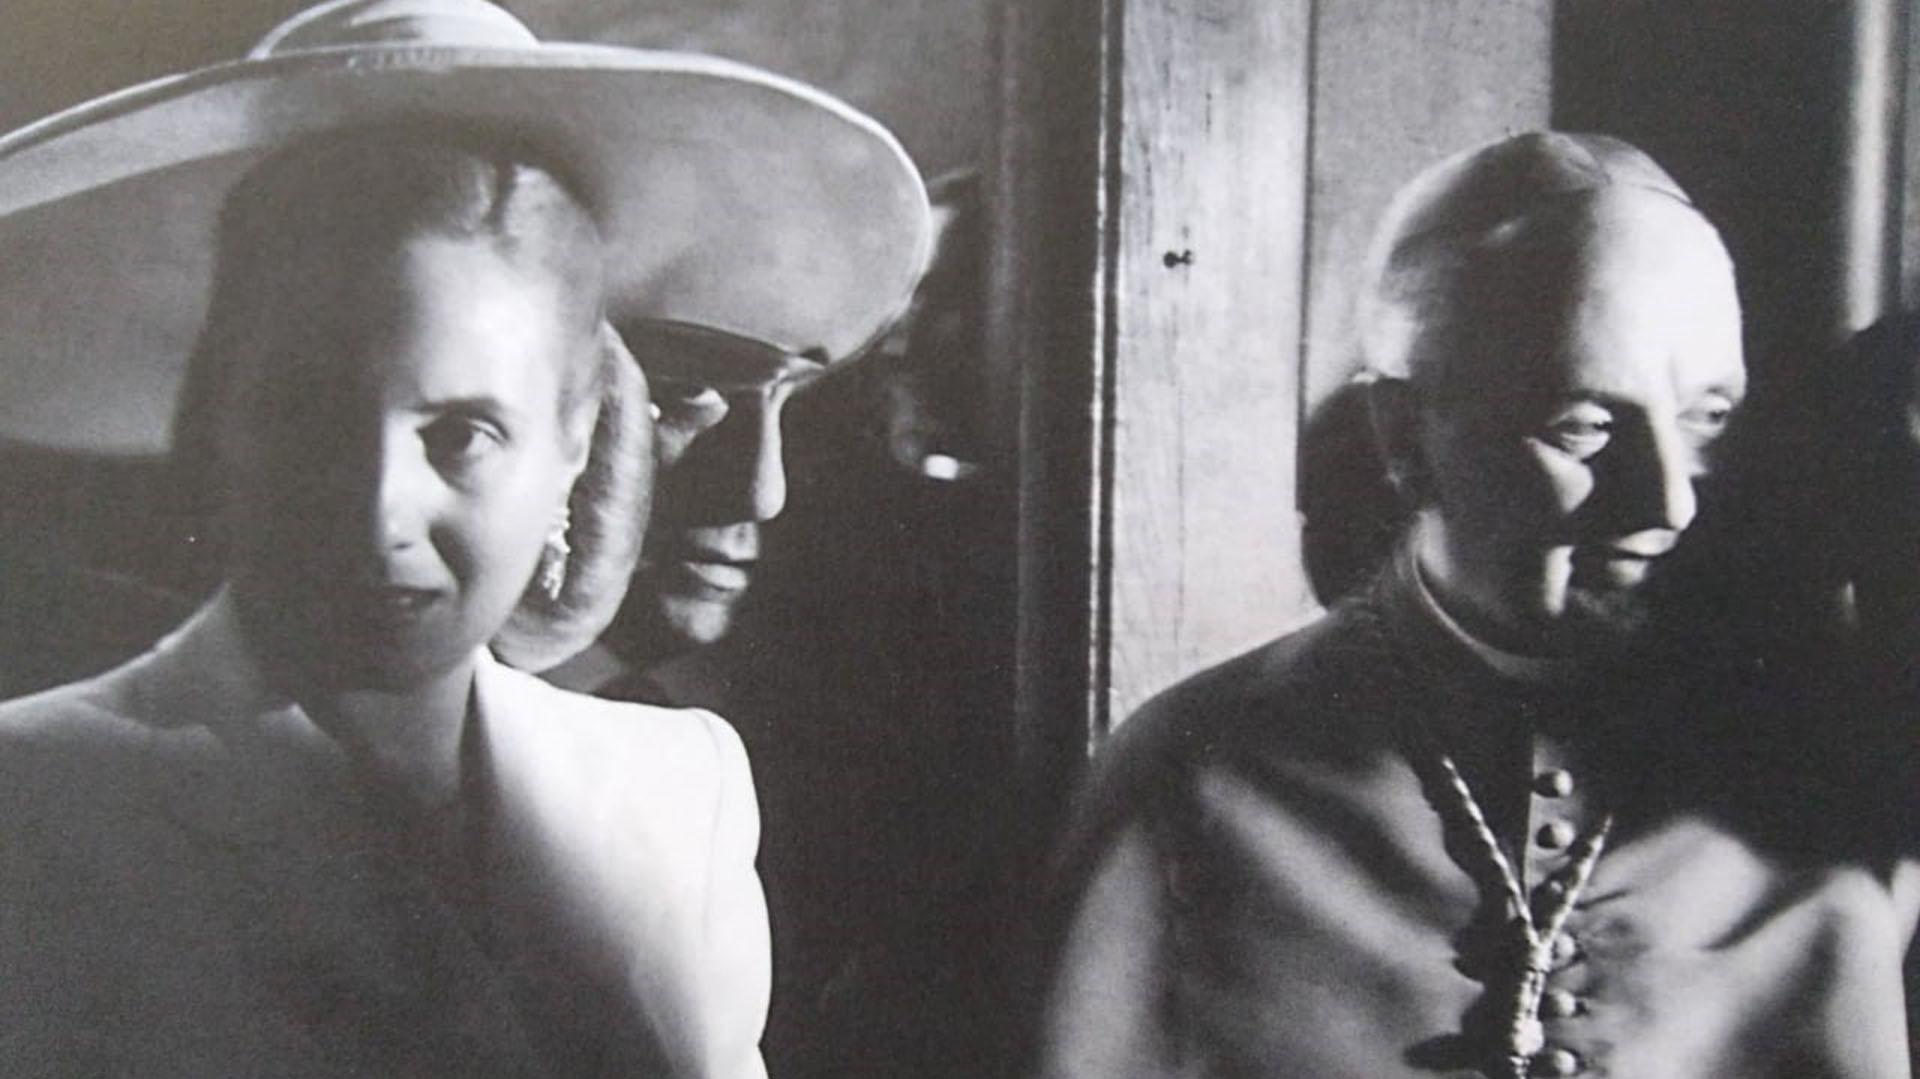 El gobierno de España la invita de manera oficial en junio de 1947. Evita emprende entonces una gira por Brasil, Uruguay, Italia, Mónaco, Suiza, Portugal y Francia. En España, le otorgan la más alta condecoración: la Gran Cruz de Isabel la Católica. En Italia, la recibe el Papa Pío XII, quien le regala el rosario de oro que llevara entre sus manos el día de su muerte. En la foto, en la Catedral de Notre-Dame en París, con el Nuncio Apostólico, Monseñor Angelo Roncalli, futuro Papa Juan XXIII